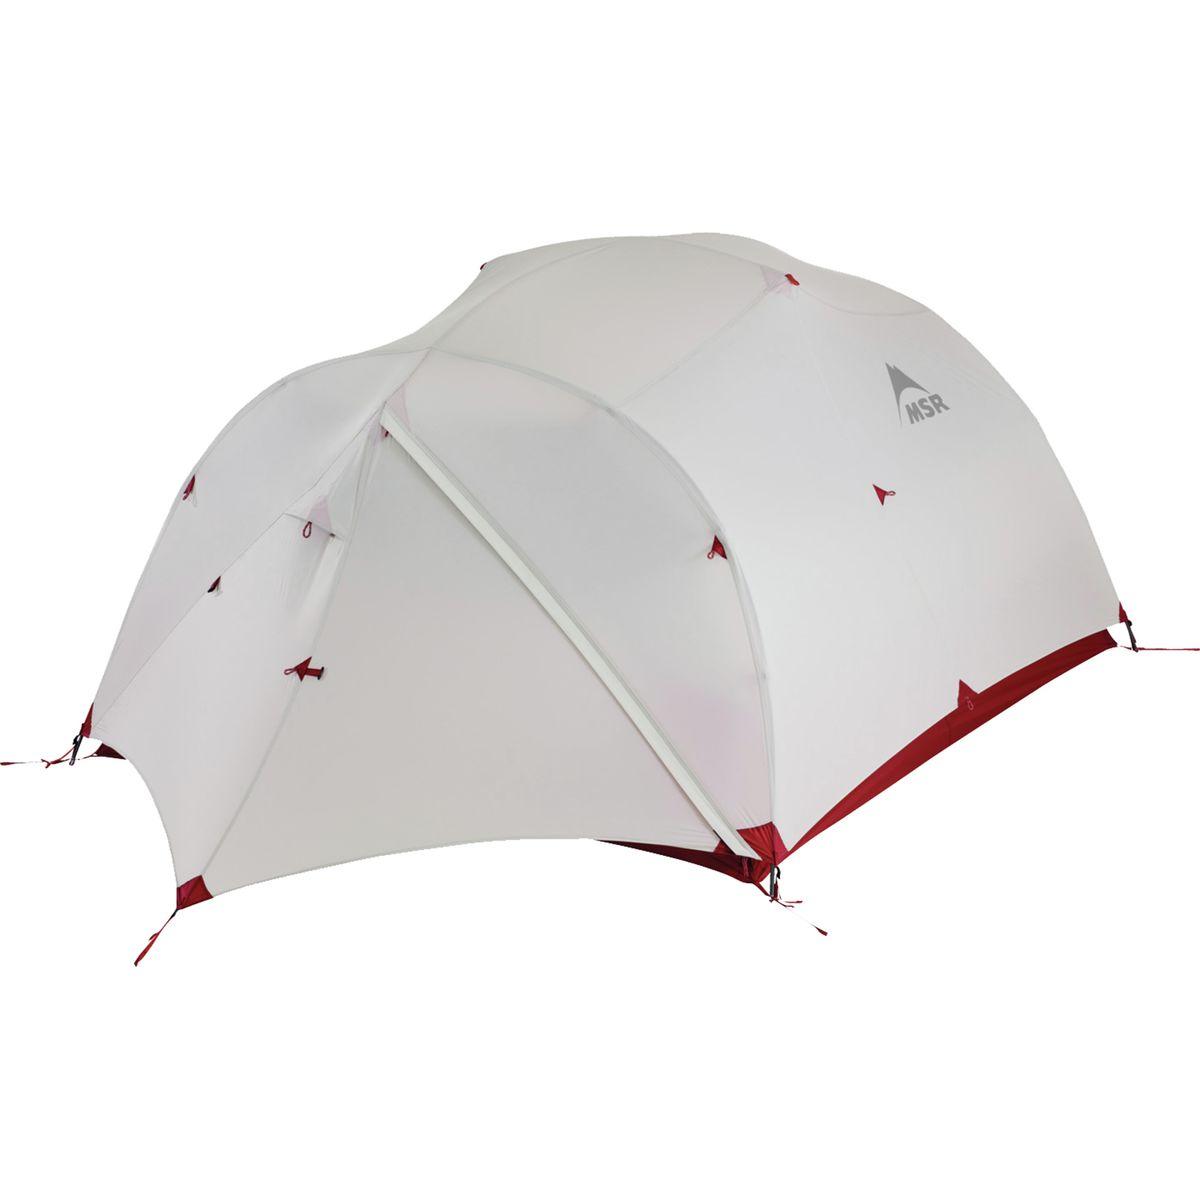 трехместная палатка msr mutha hubba nx 3